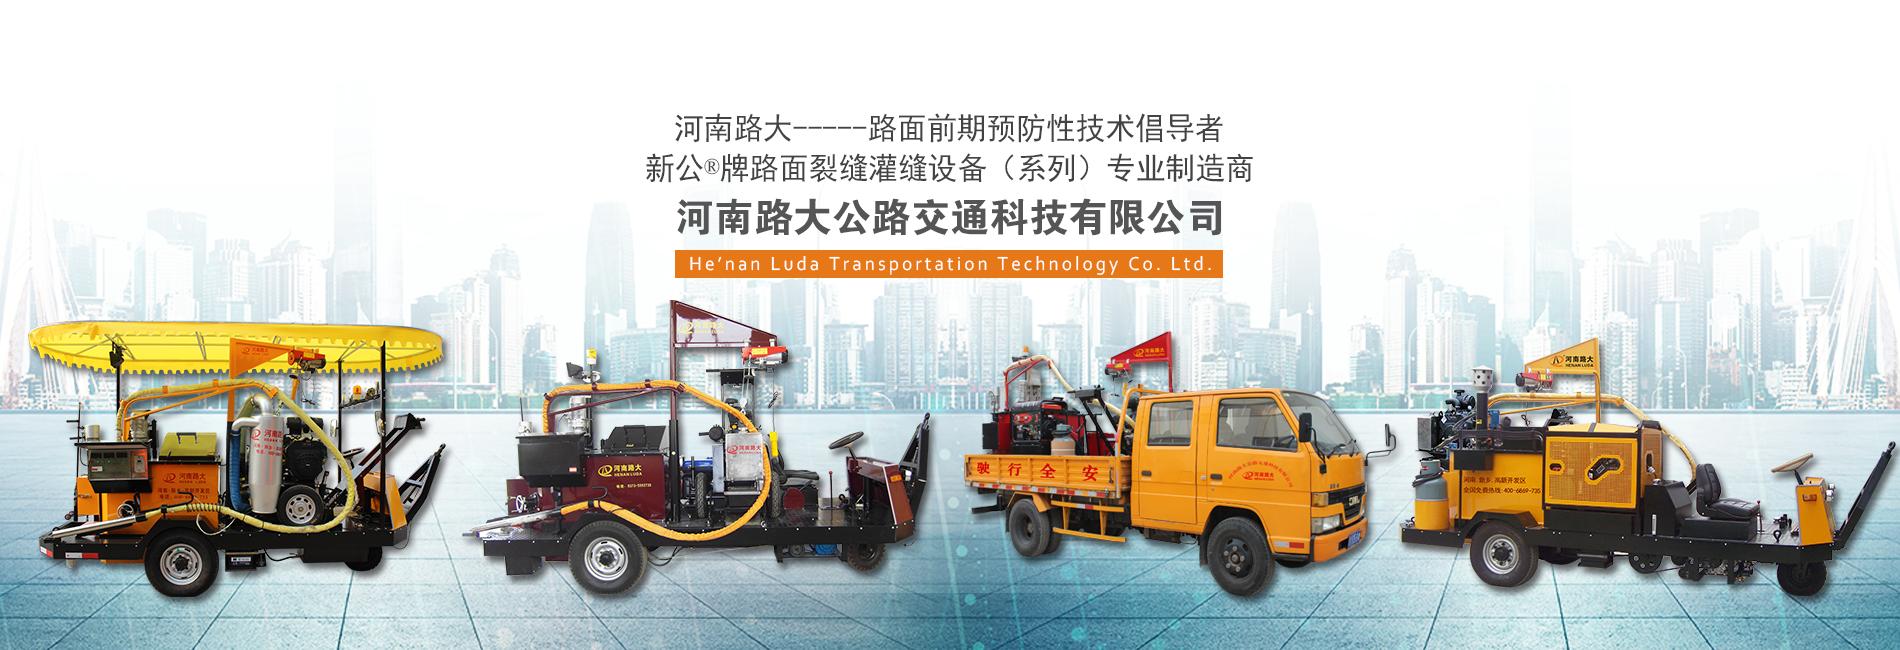 河南路大公路交通科技有限公司